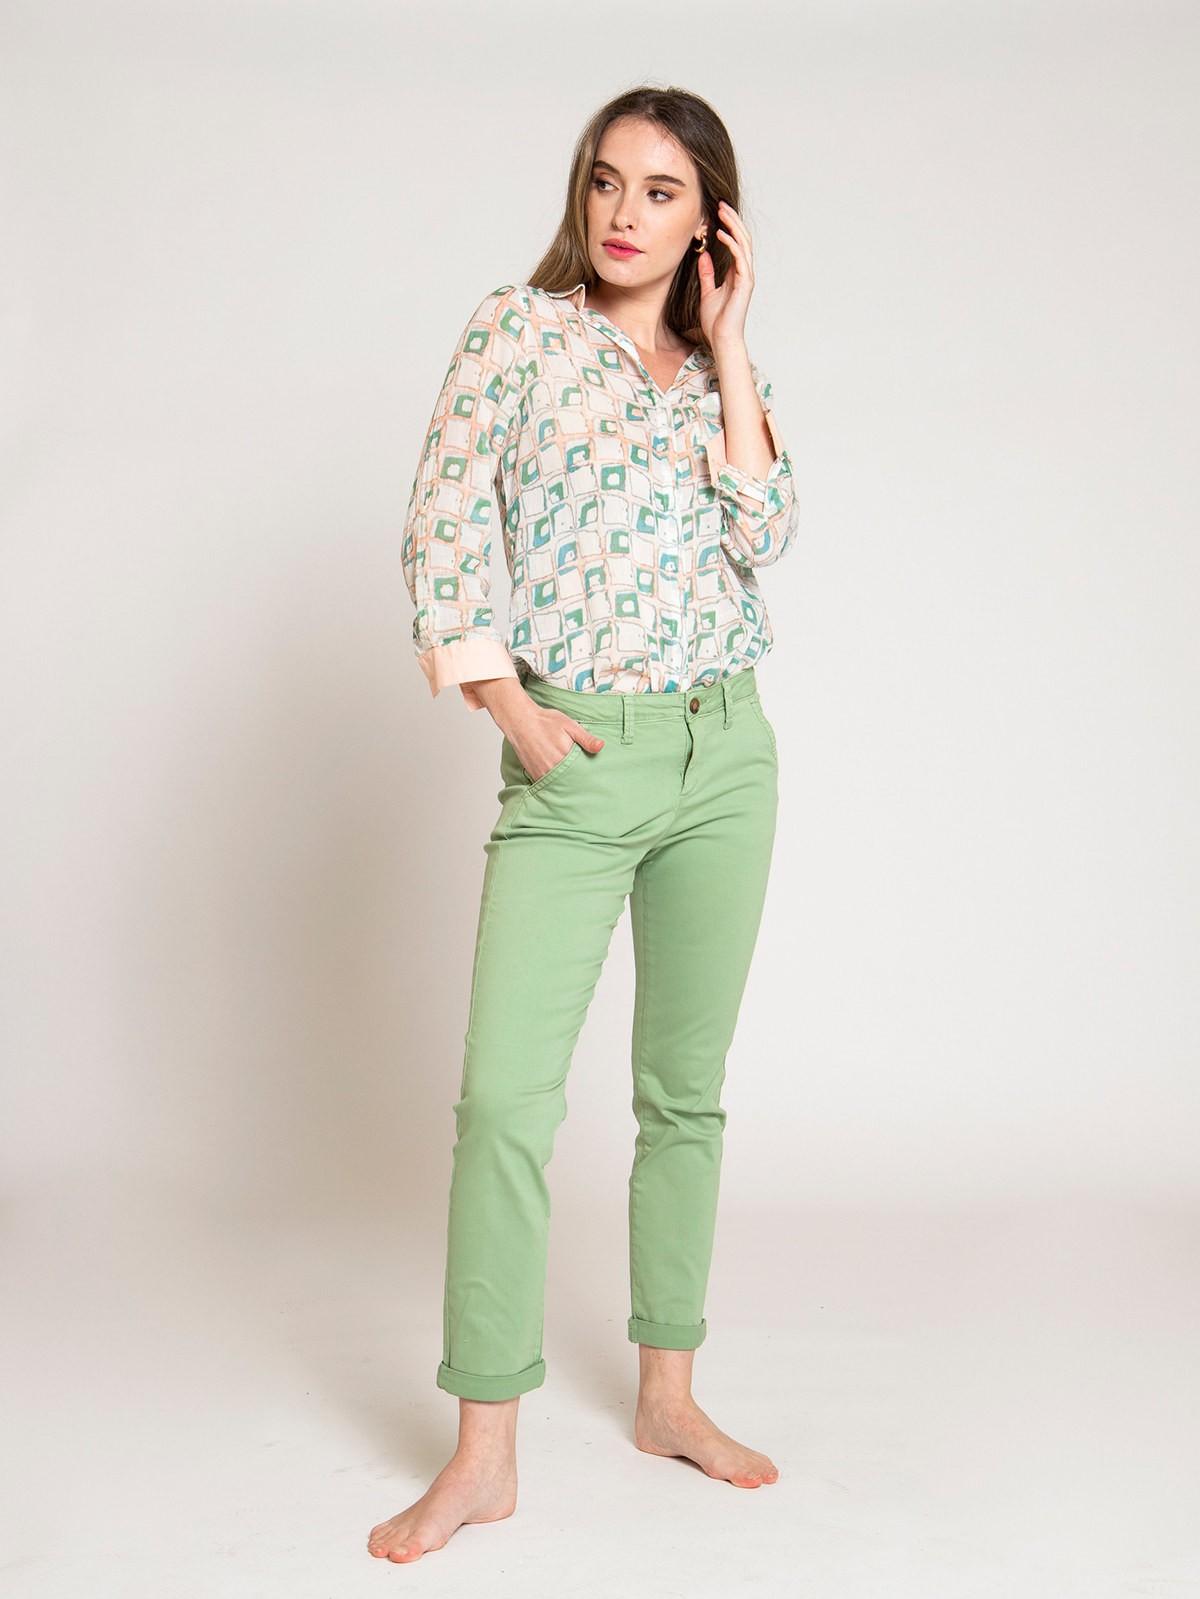 Pantalón mujer chino algodón elástico Verde